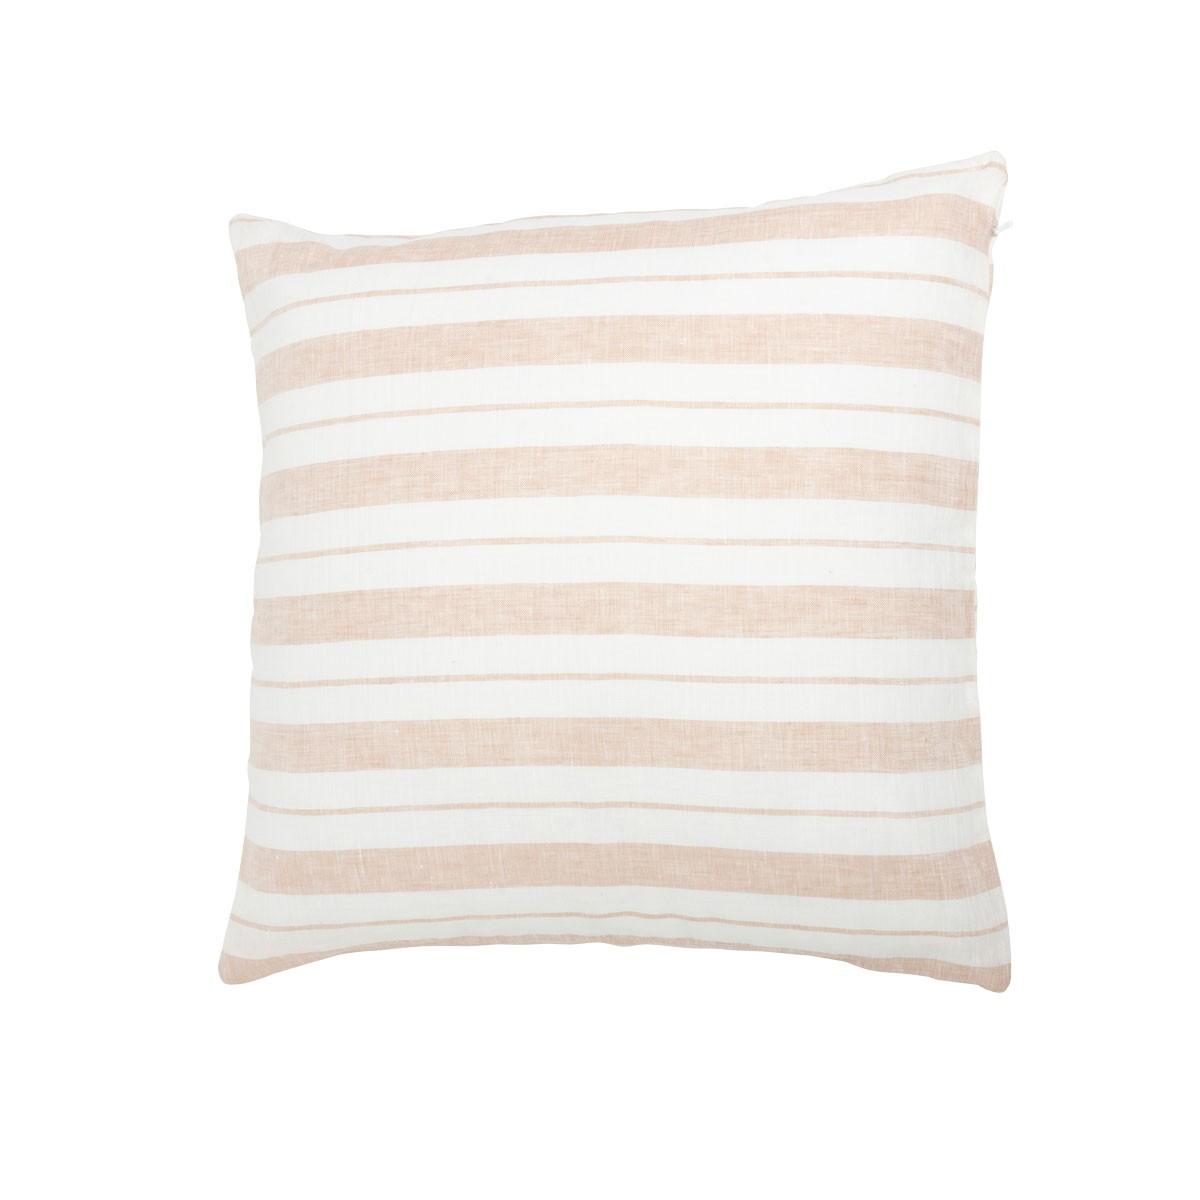 Coussin en lin lavé rayé rose/crème 45x45